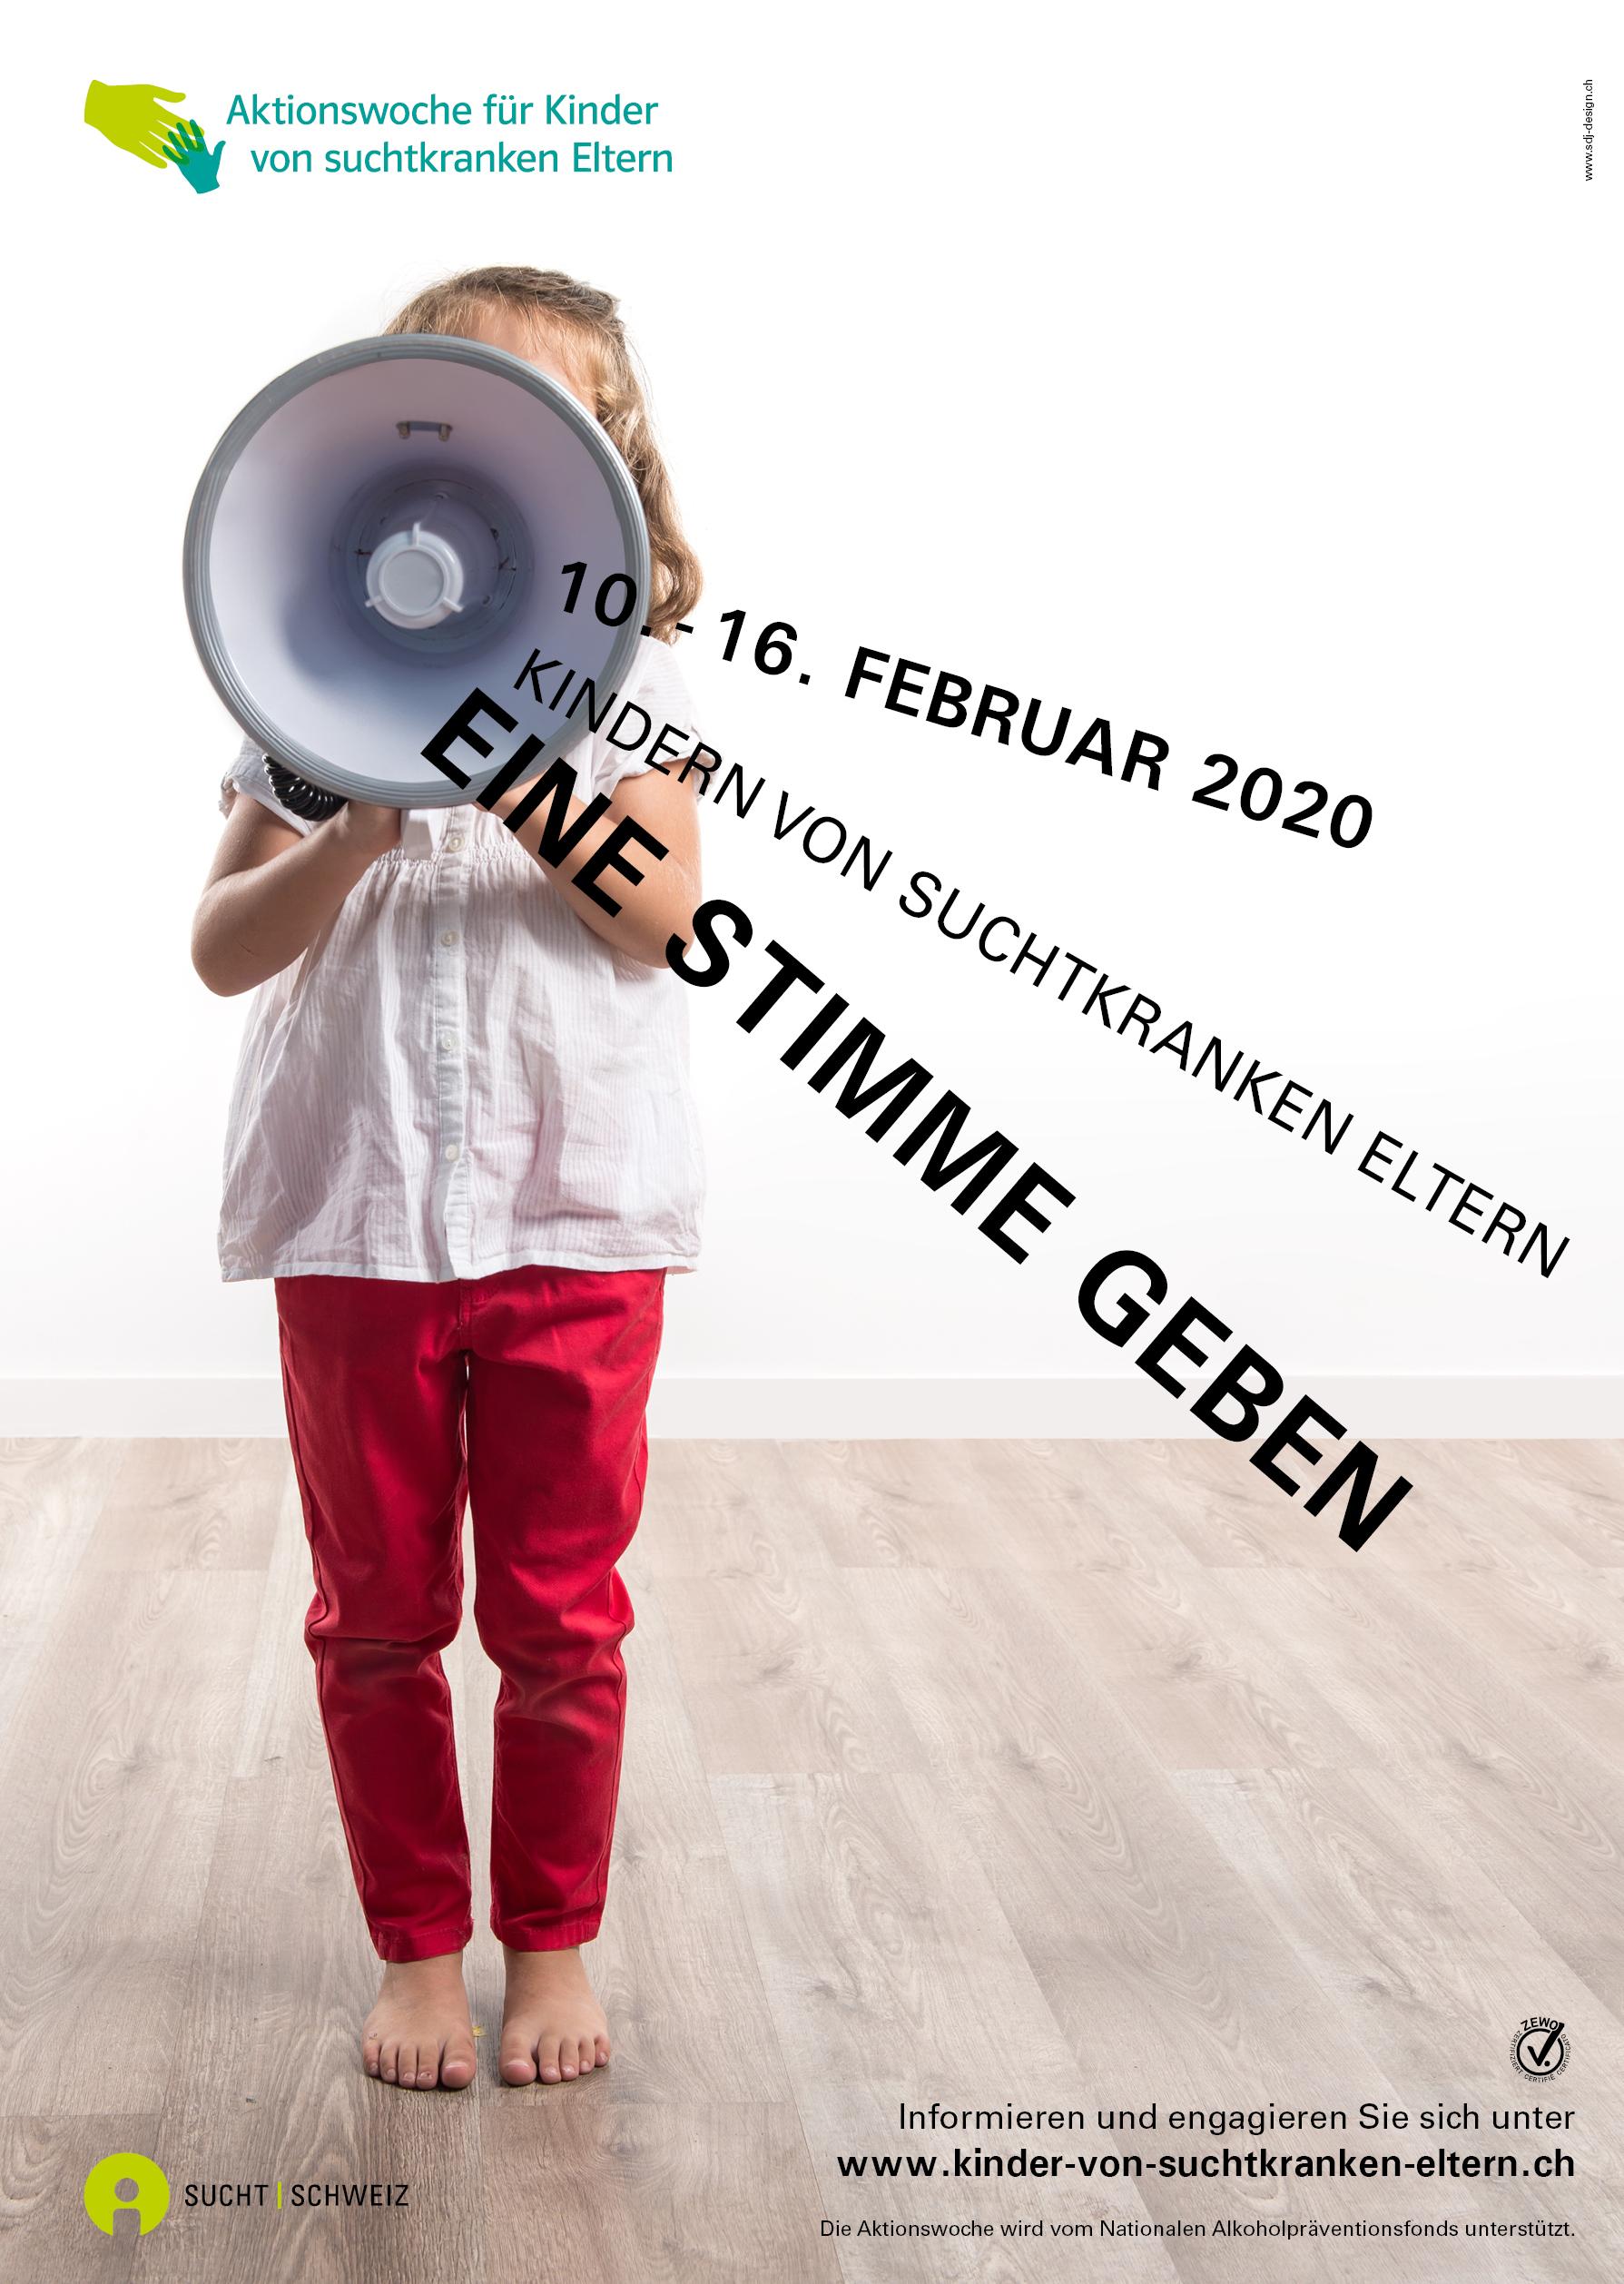 Addiction_semaine_action_enfants_Affiche_2020-DE